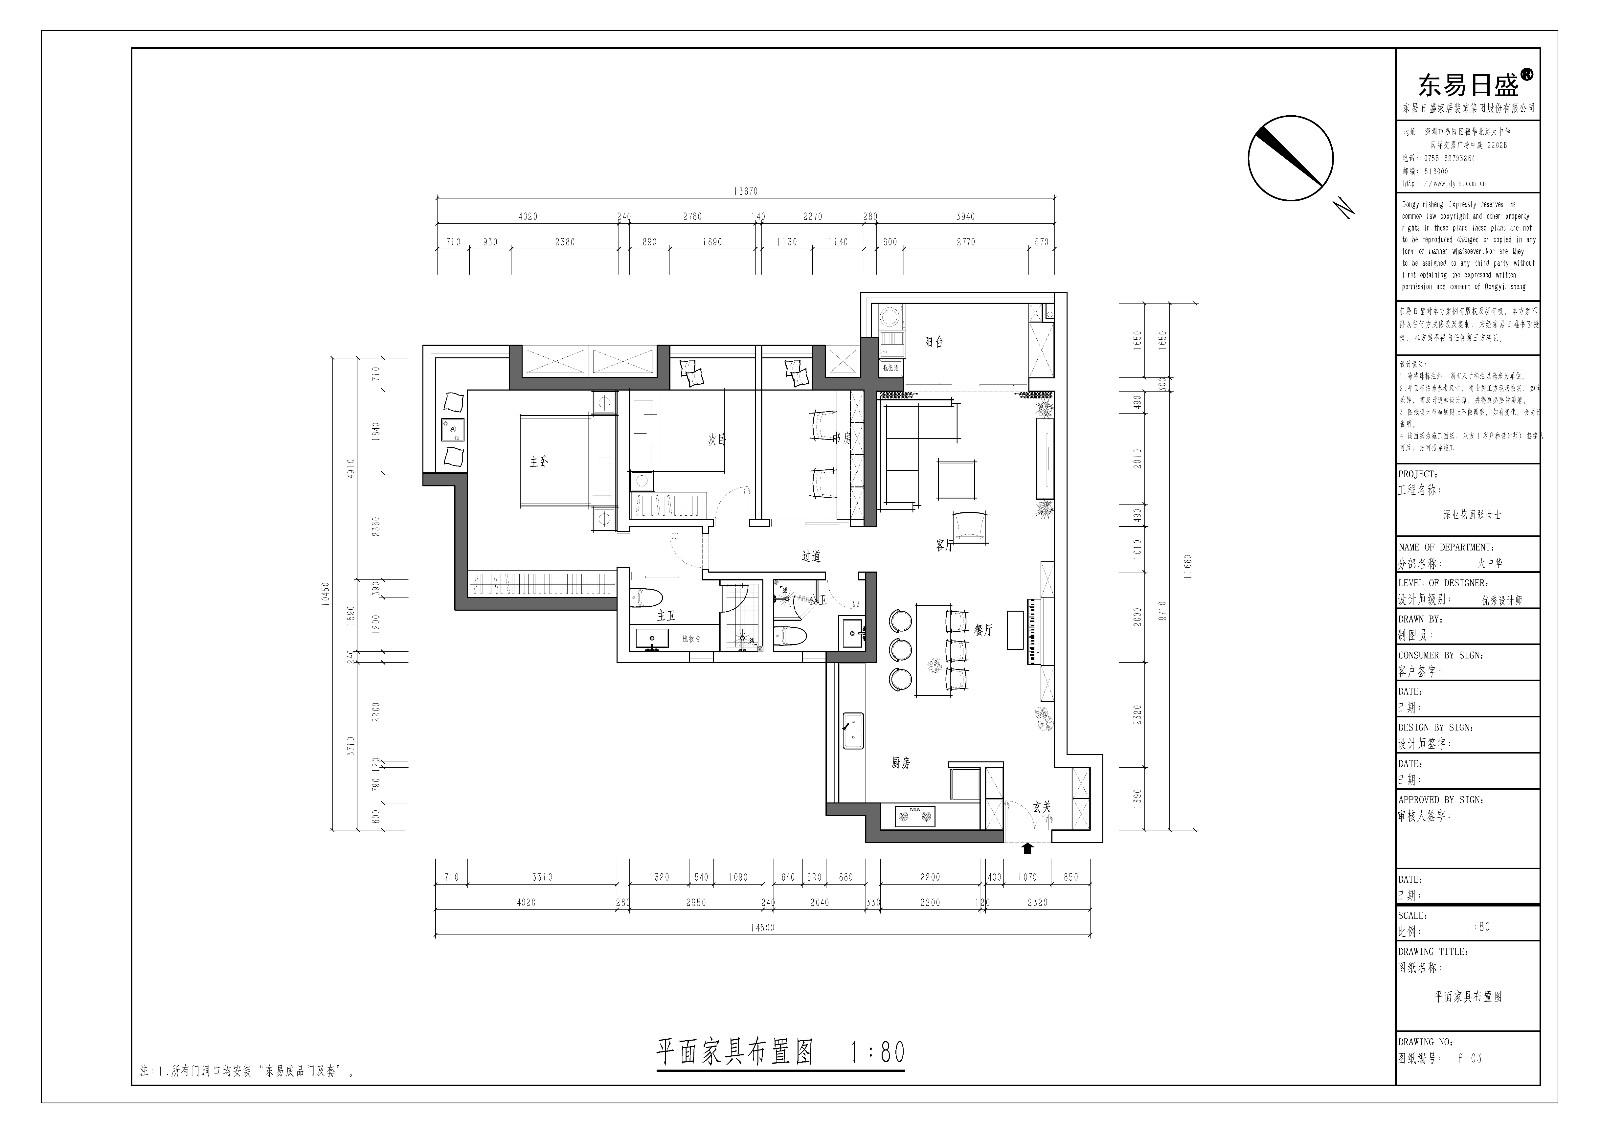 深业花园 现代风格 120平米 装饰设计图装修设计理念